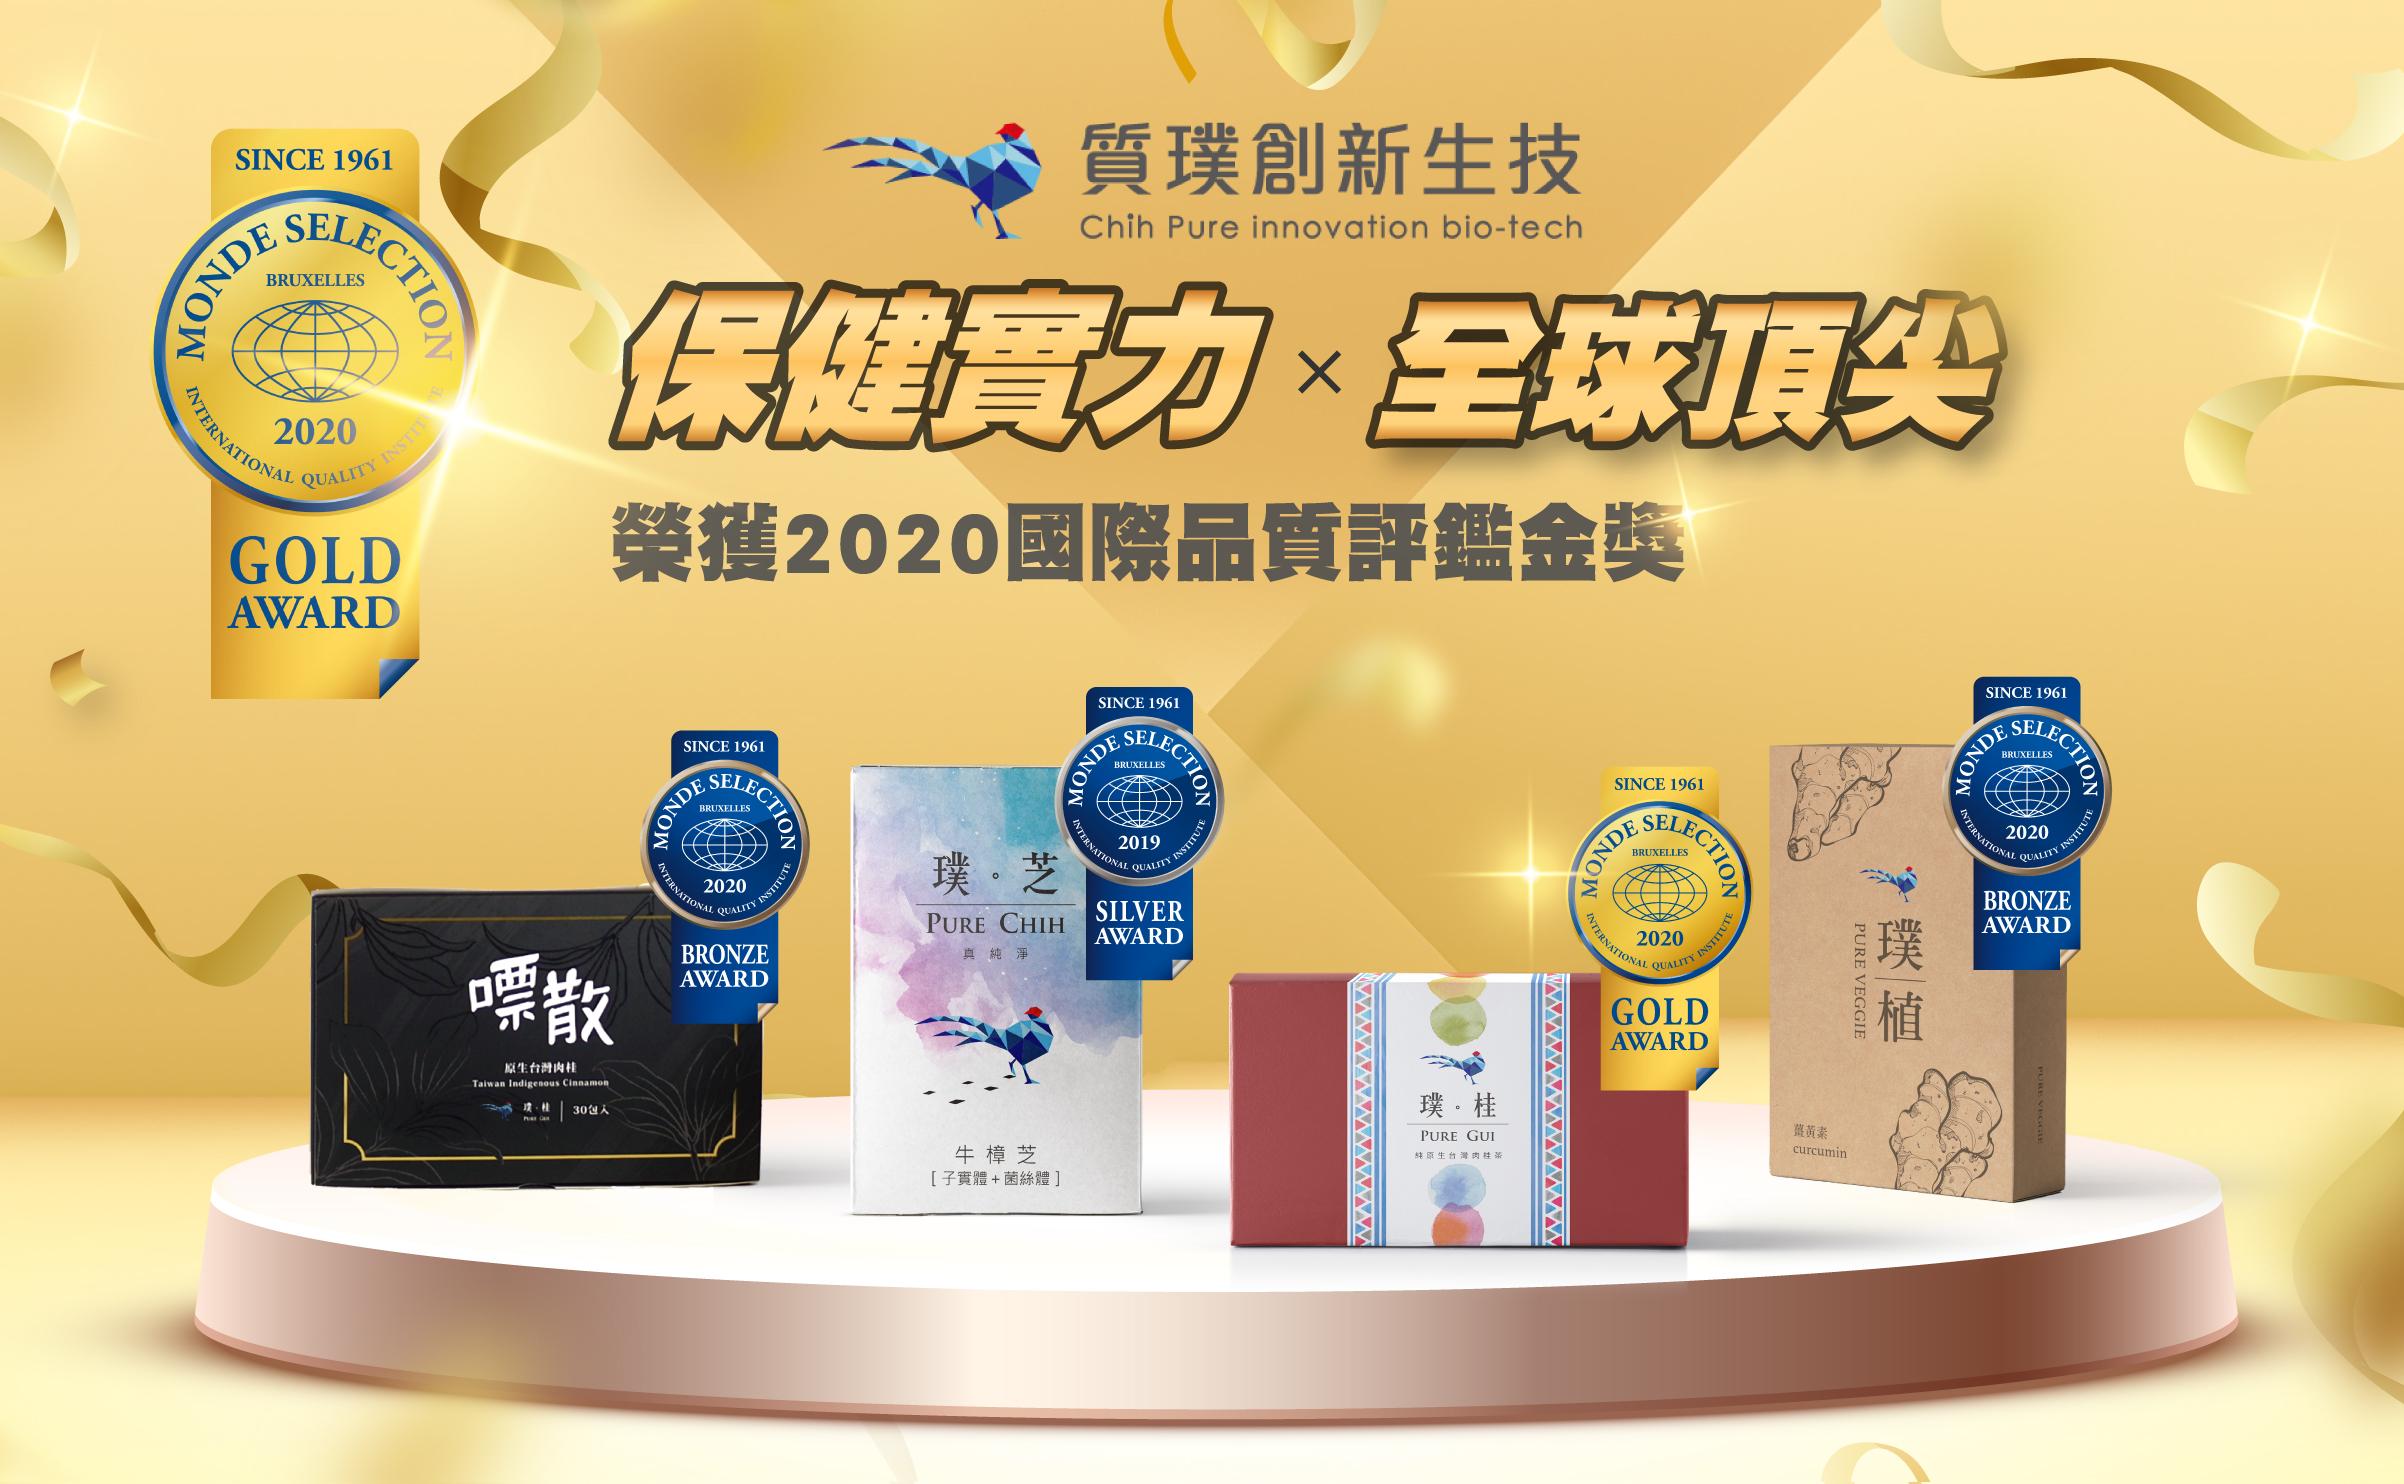 2020國際品質評鑑金獎